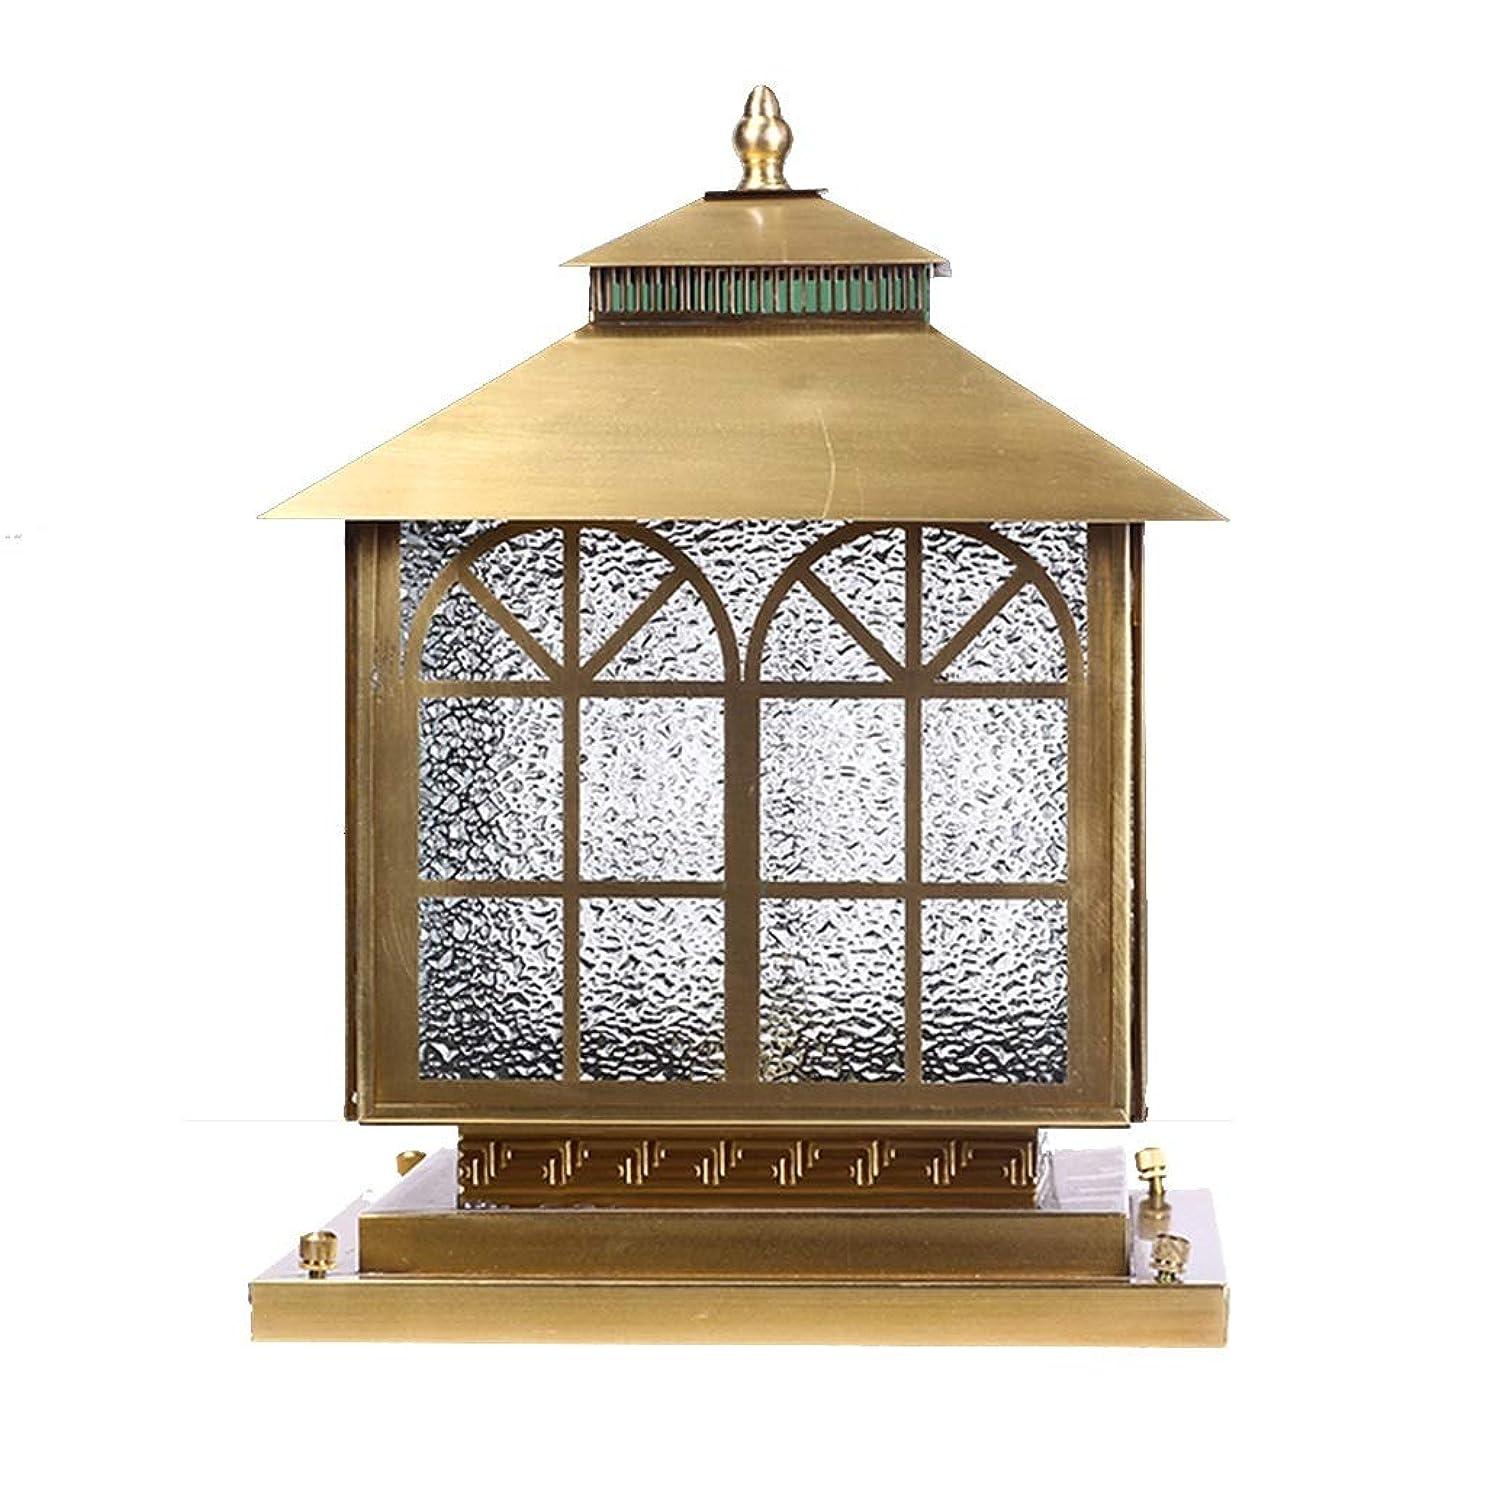 代わりにを立てる法律者ソーラーコラムヘッドライト ヴィラ用壁面ライト 屋外用防水ガーデンランプ 銅製ウォールランプ (Color : Gold, Size : 25*25*34cm)